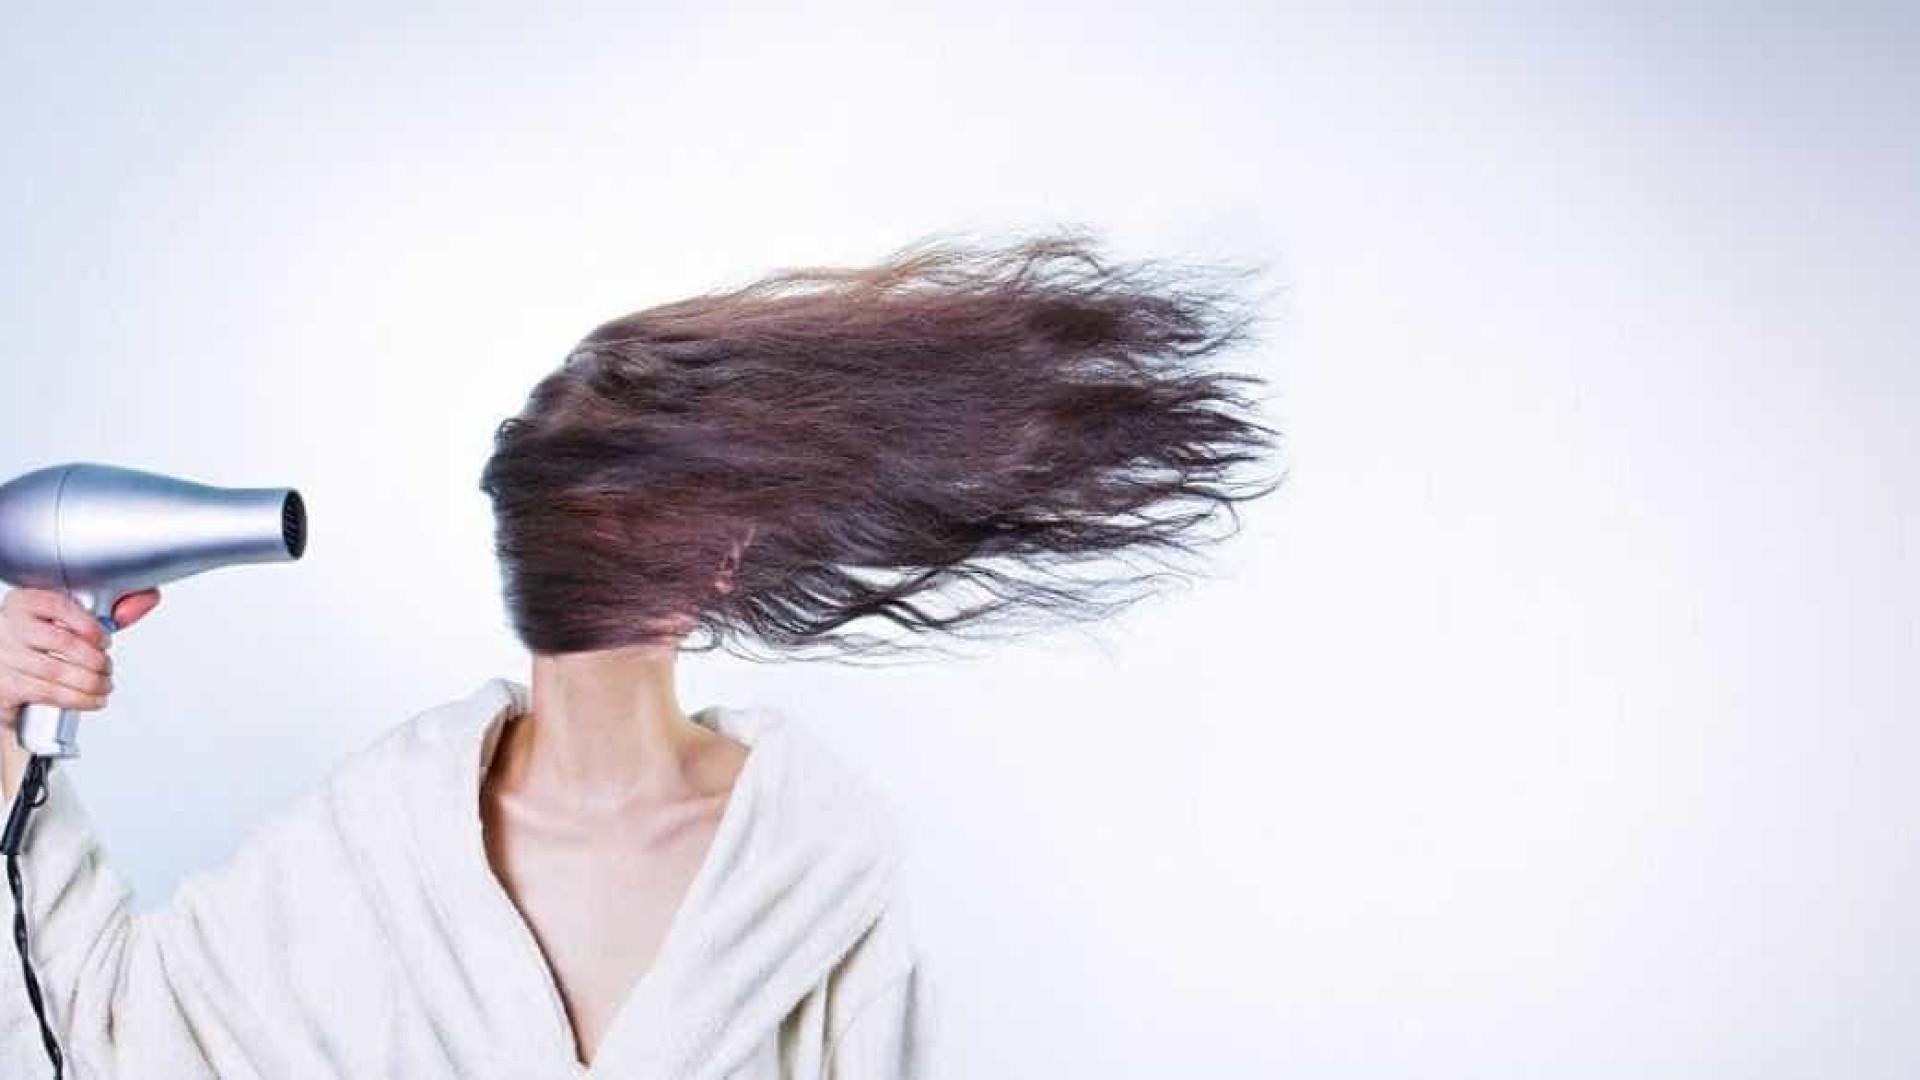 4 danos que promovem perda de proteínas no cabelo e enfraquecem os fios